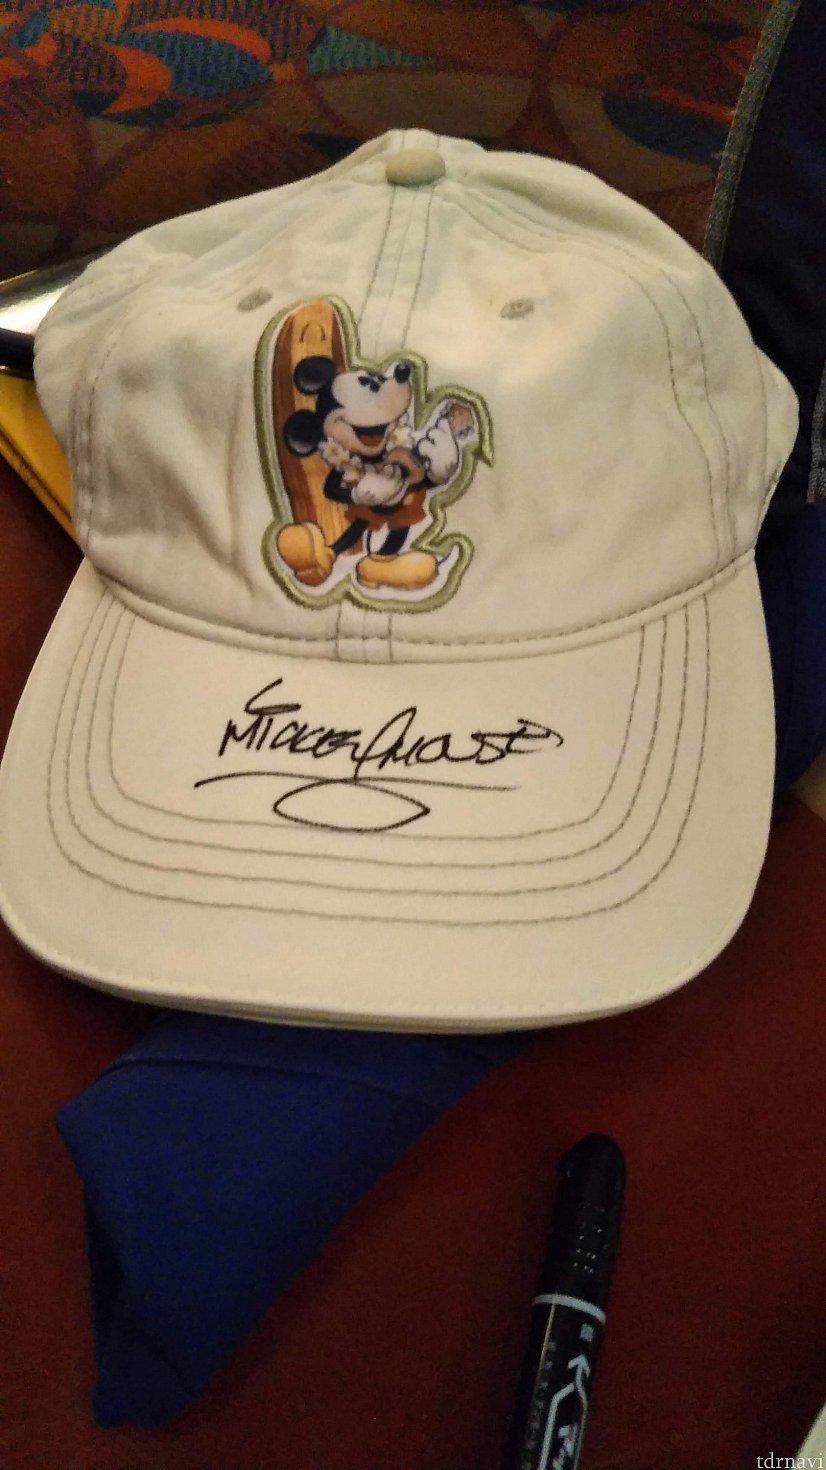 アウラニの帽子にサインしてもらいました。 サイン帳はもう数冊分あるので、ディズニーグッズに直接サインしてもらったら思い出になってよいのではないかと思い、今回はマジックペンを持参してきました。